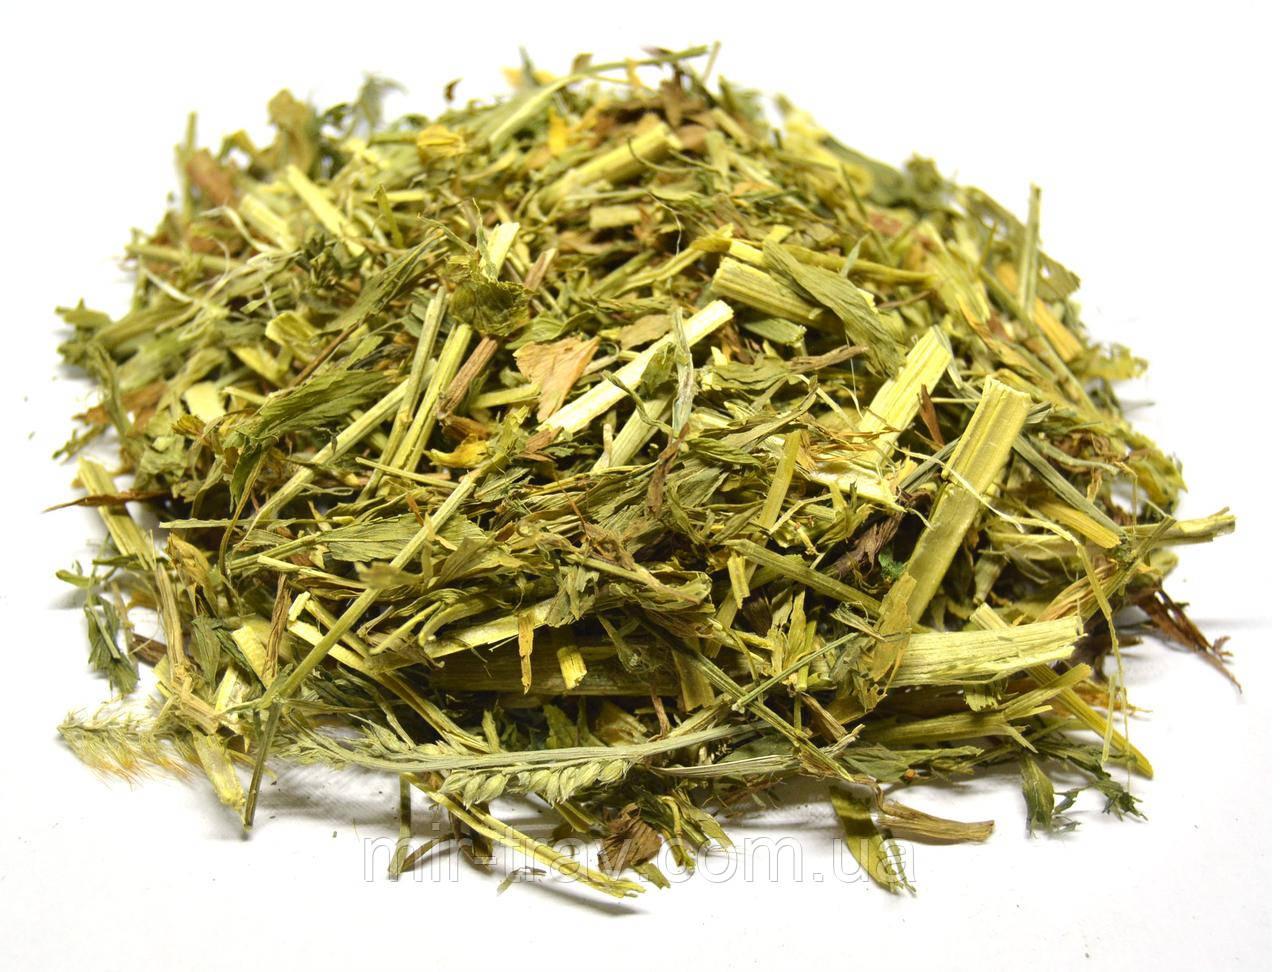 Галега лекарственная трава (козлятник лекарственный), фото 1